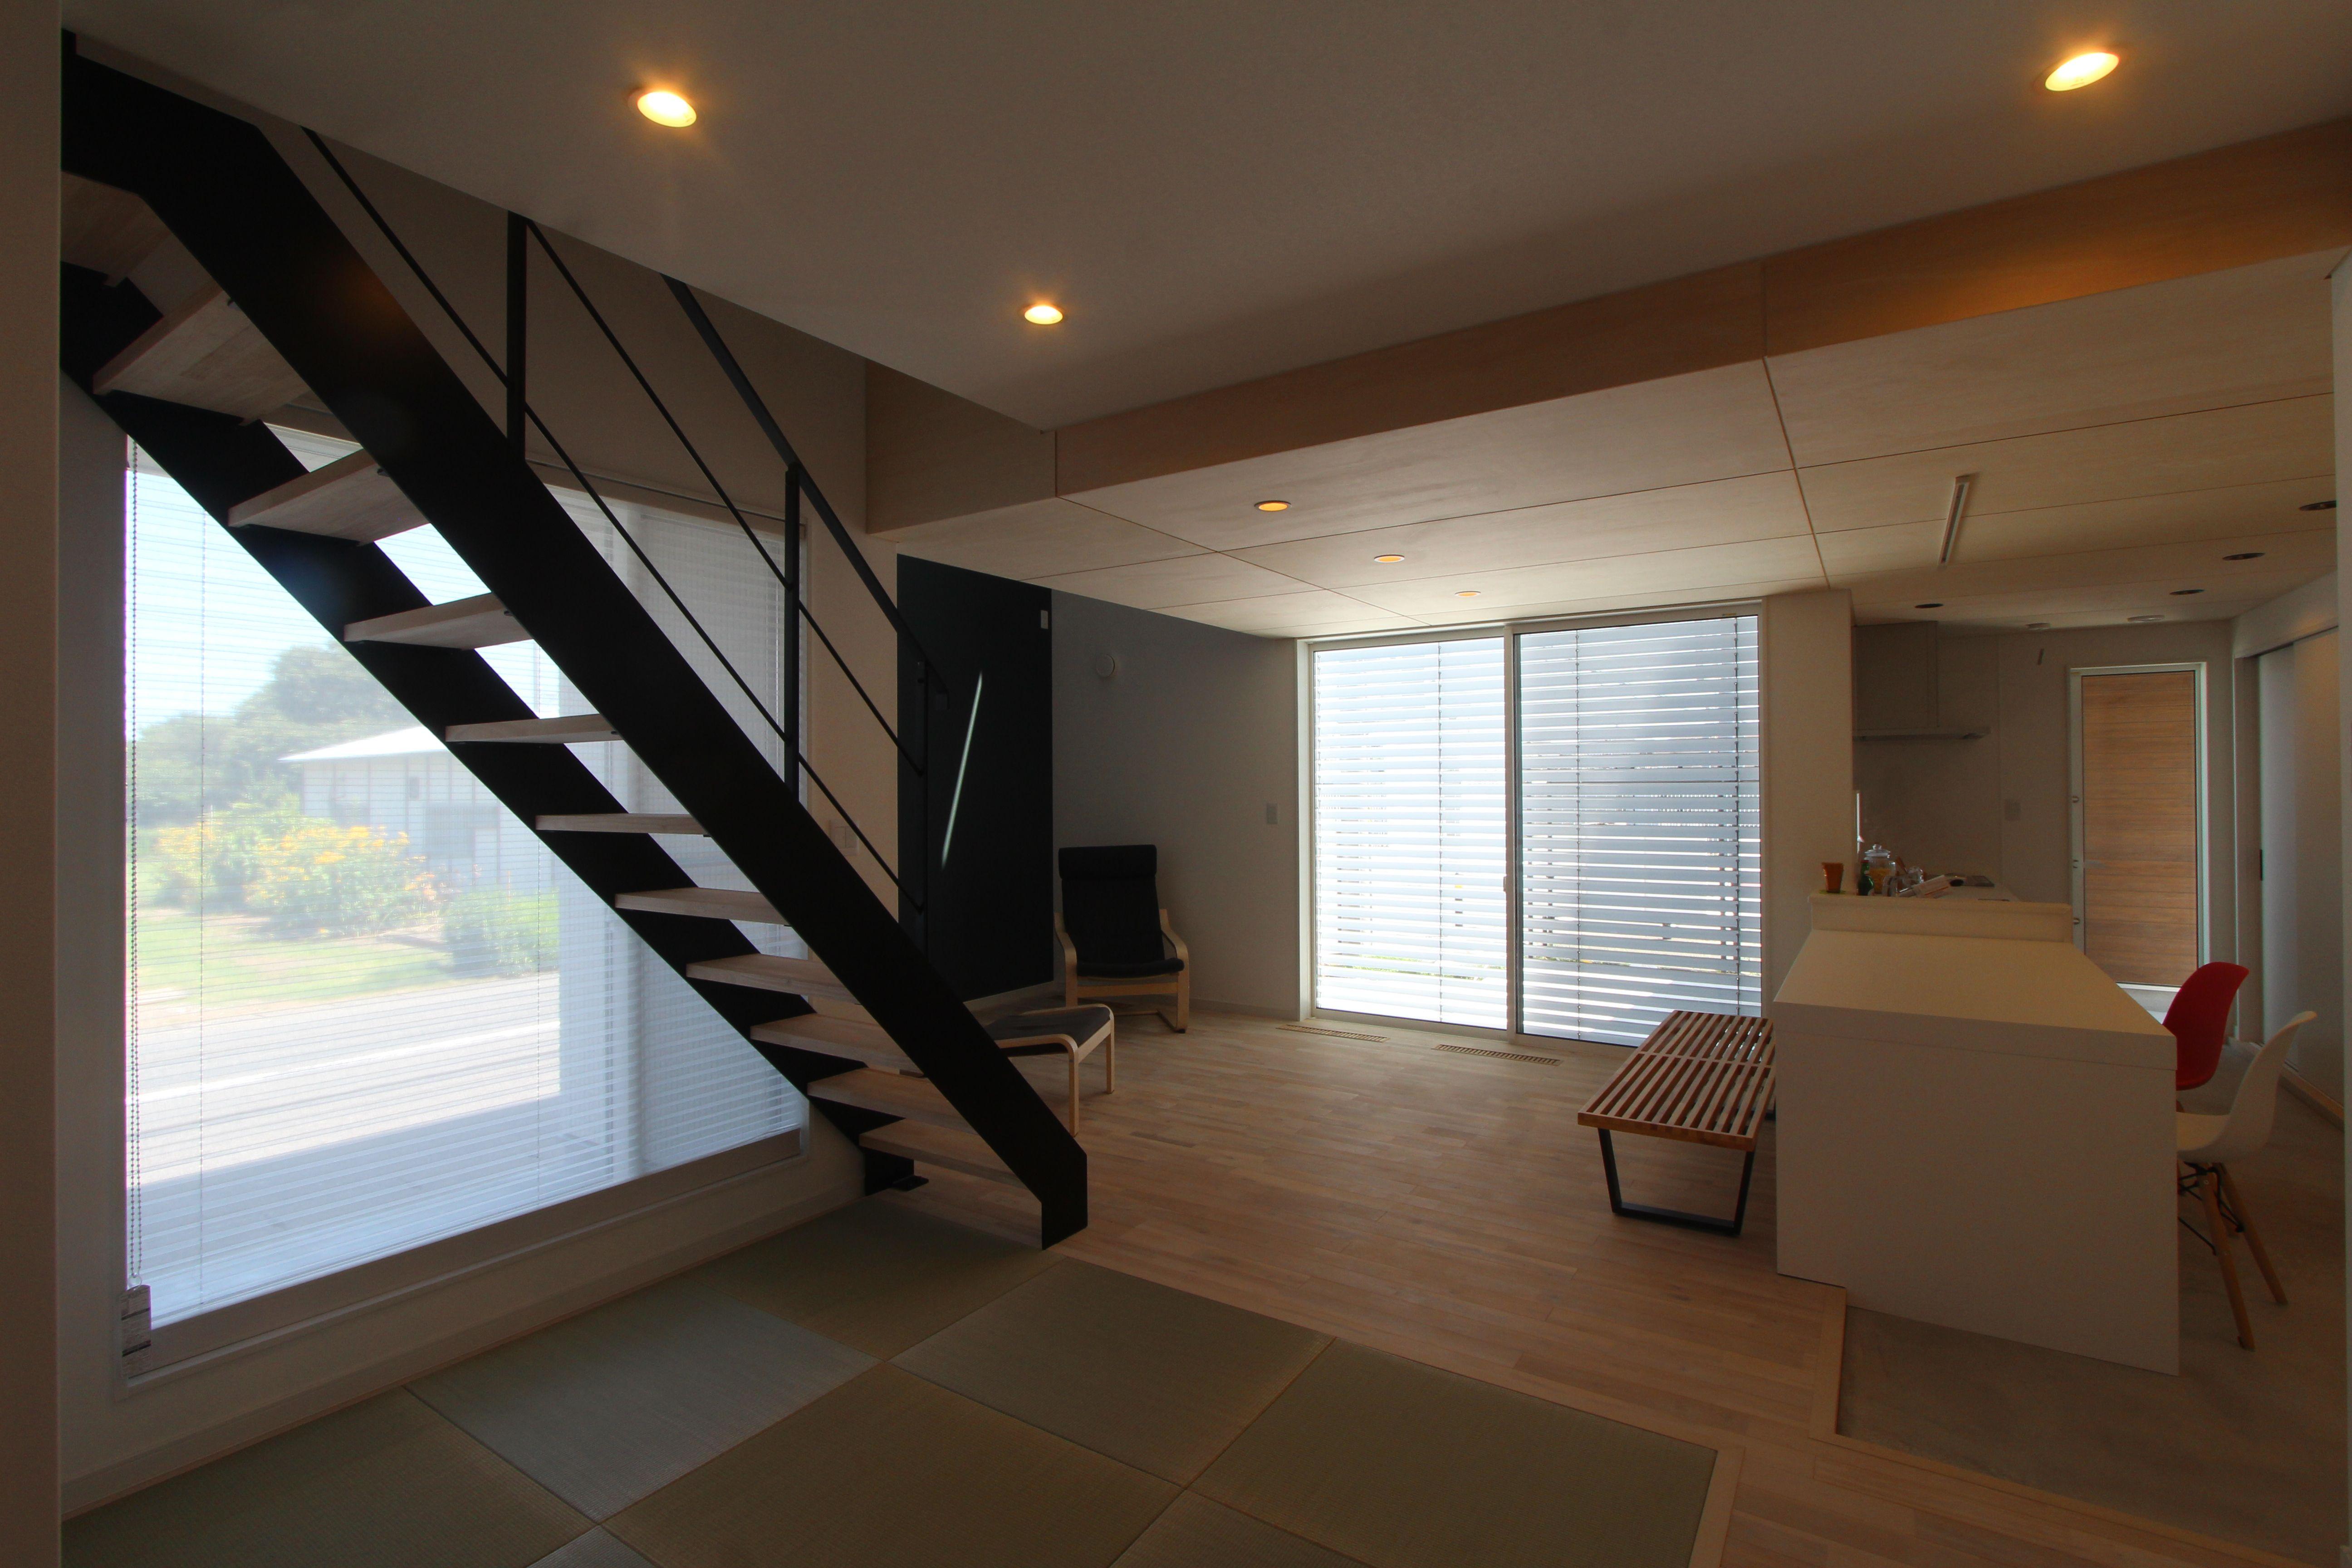 天井高さに変化を付けることにより 空間を緩やかに区切ります